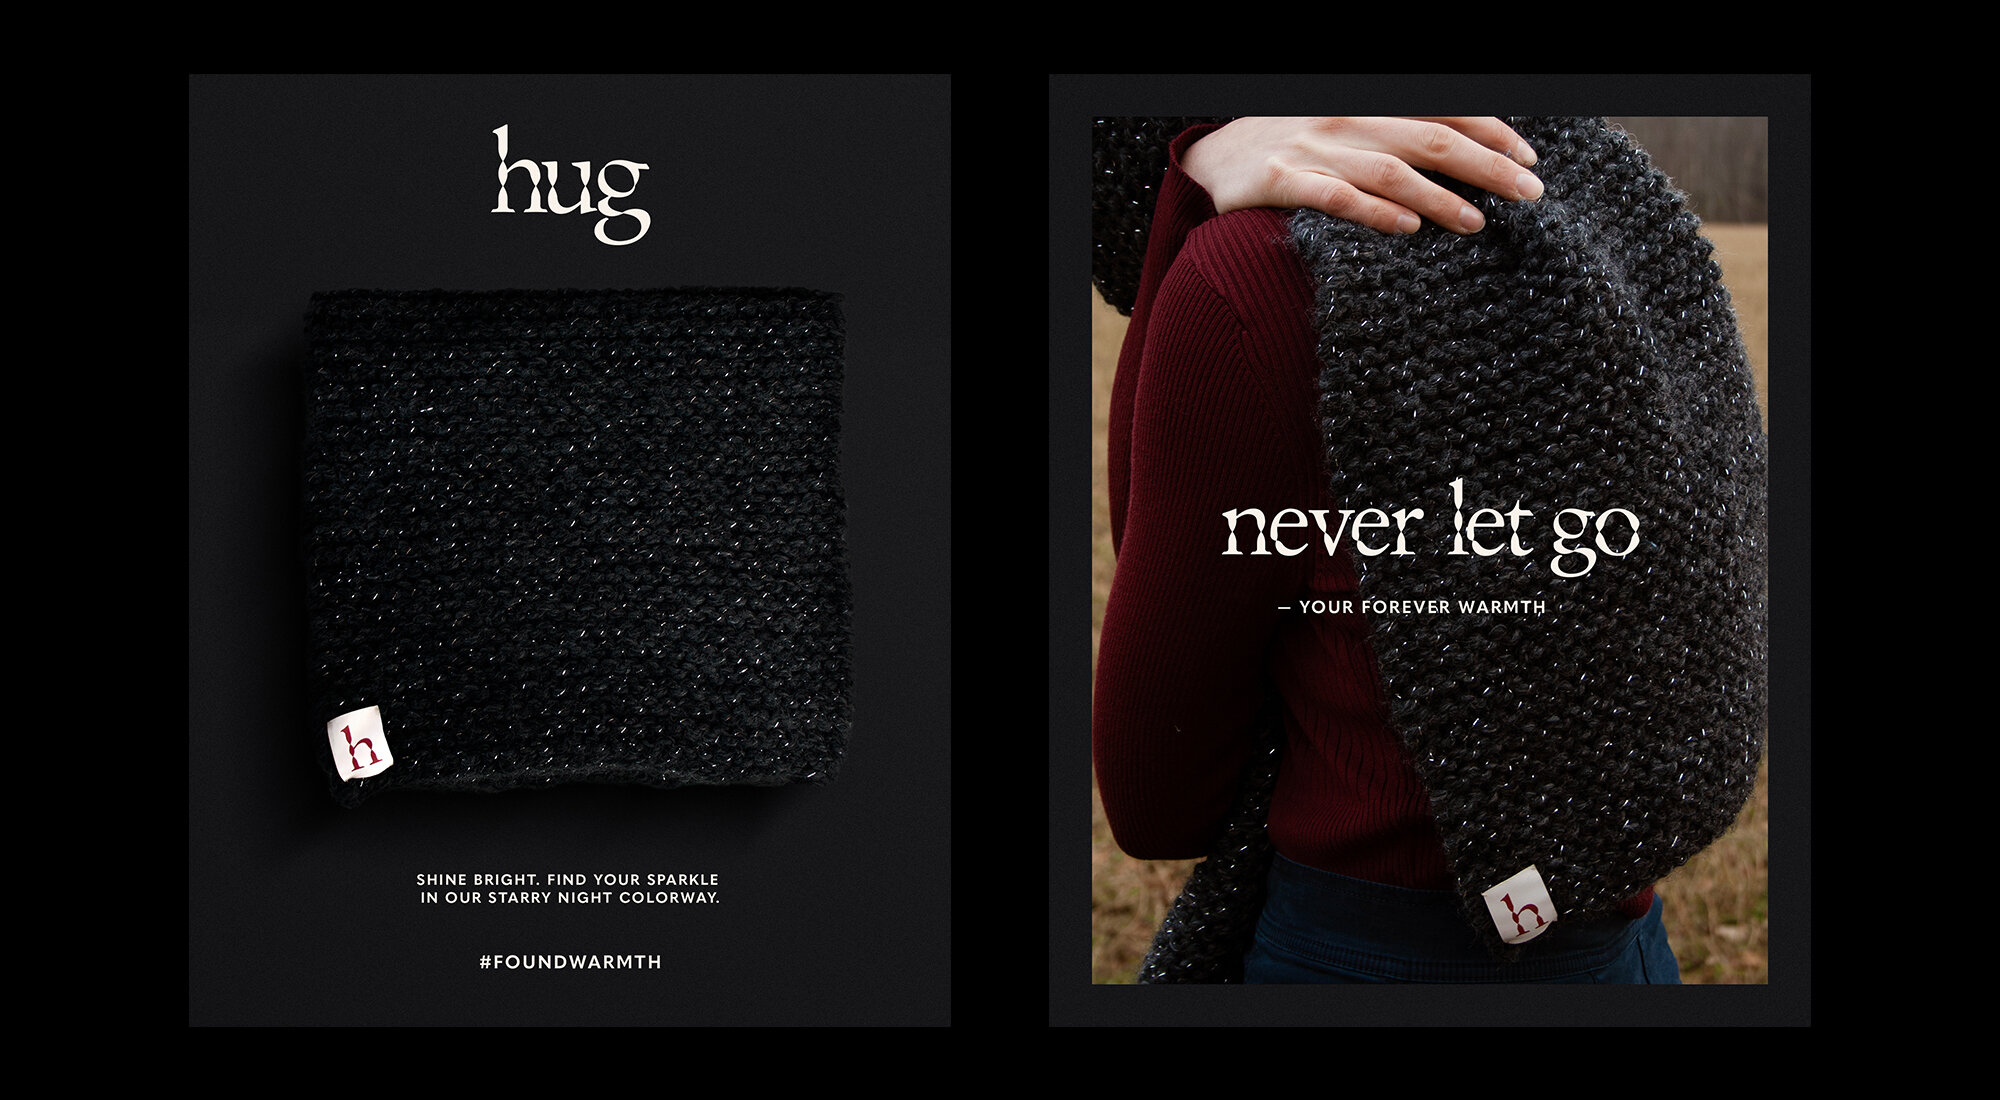 Hug_01.jpg